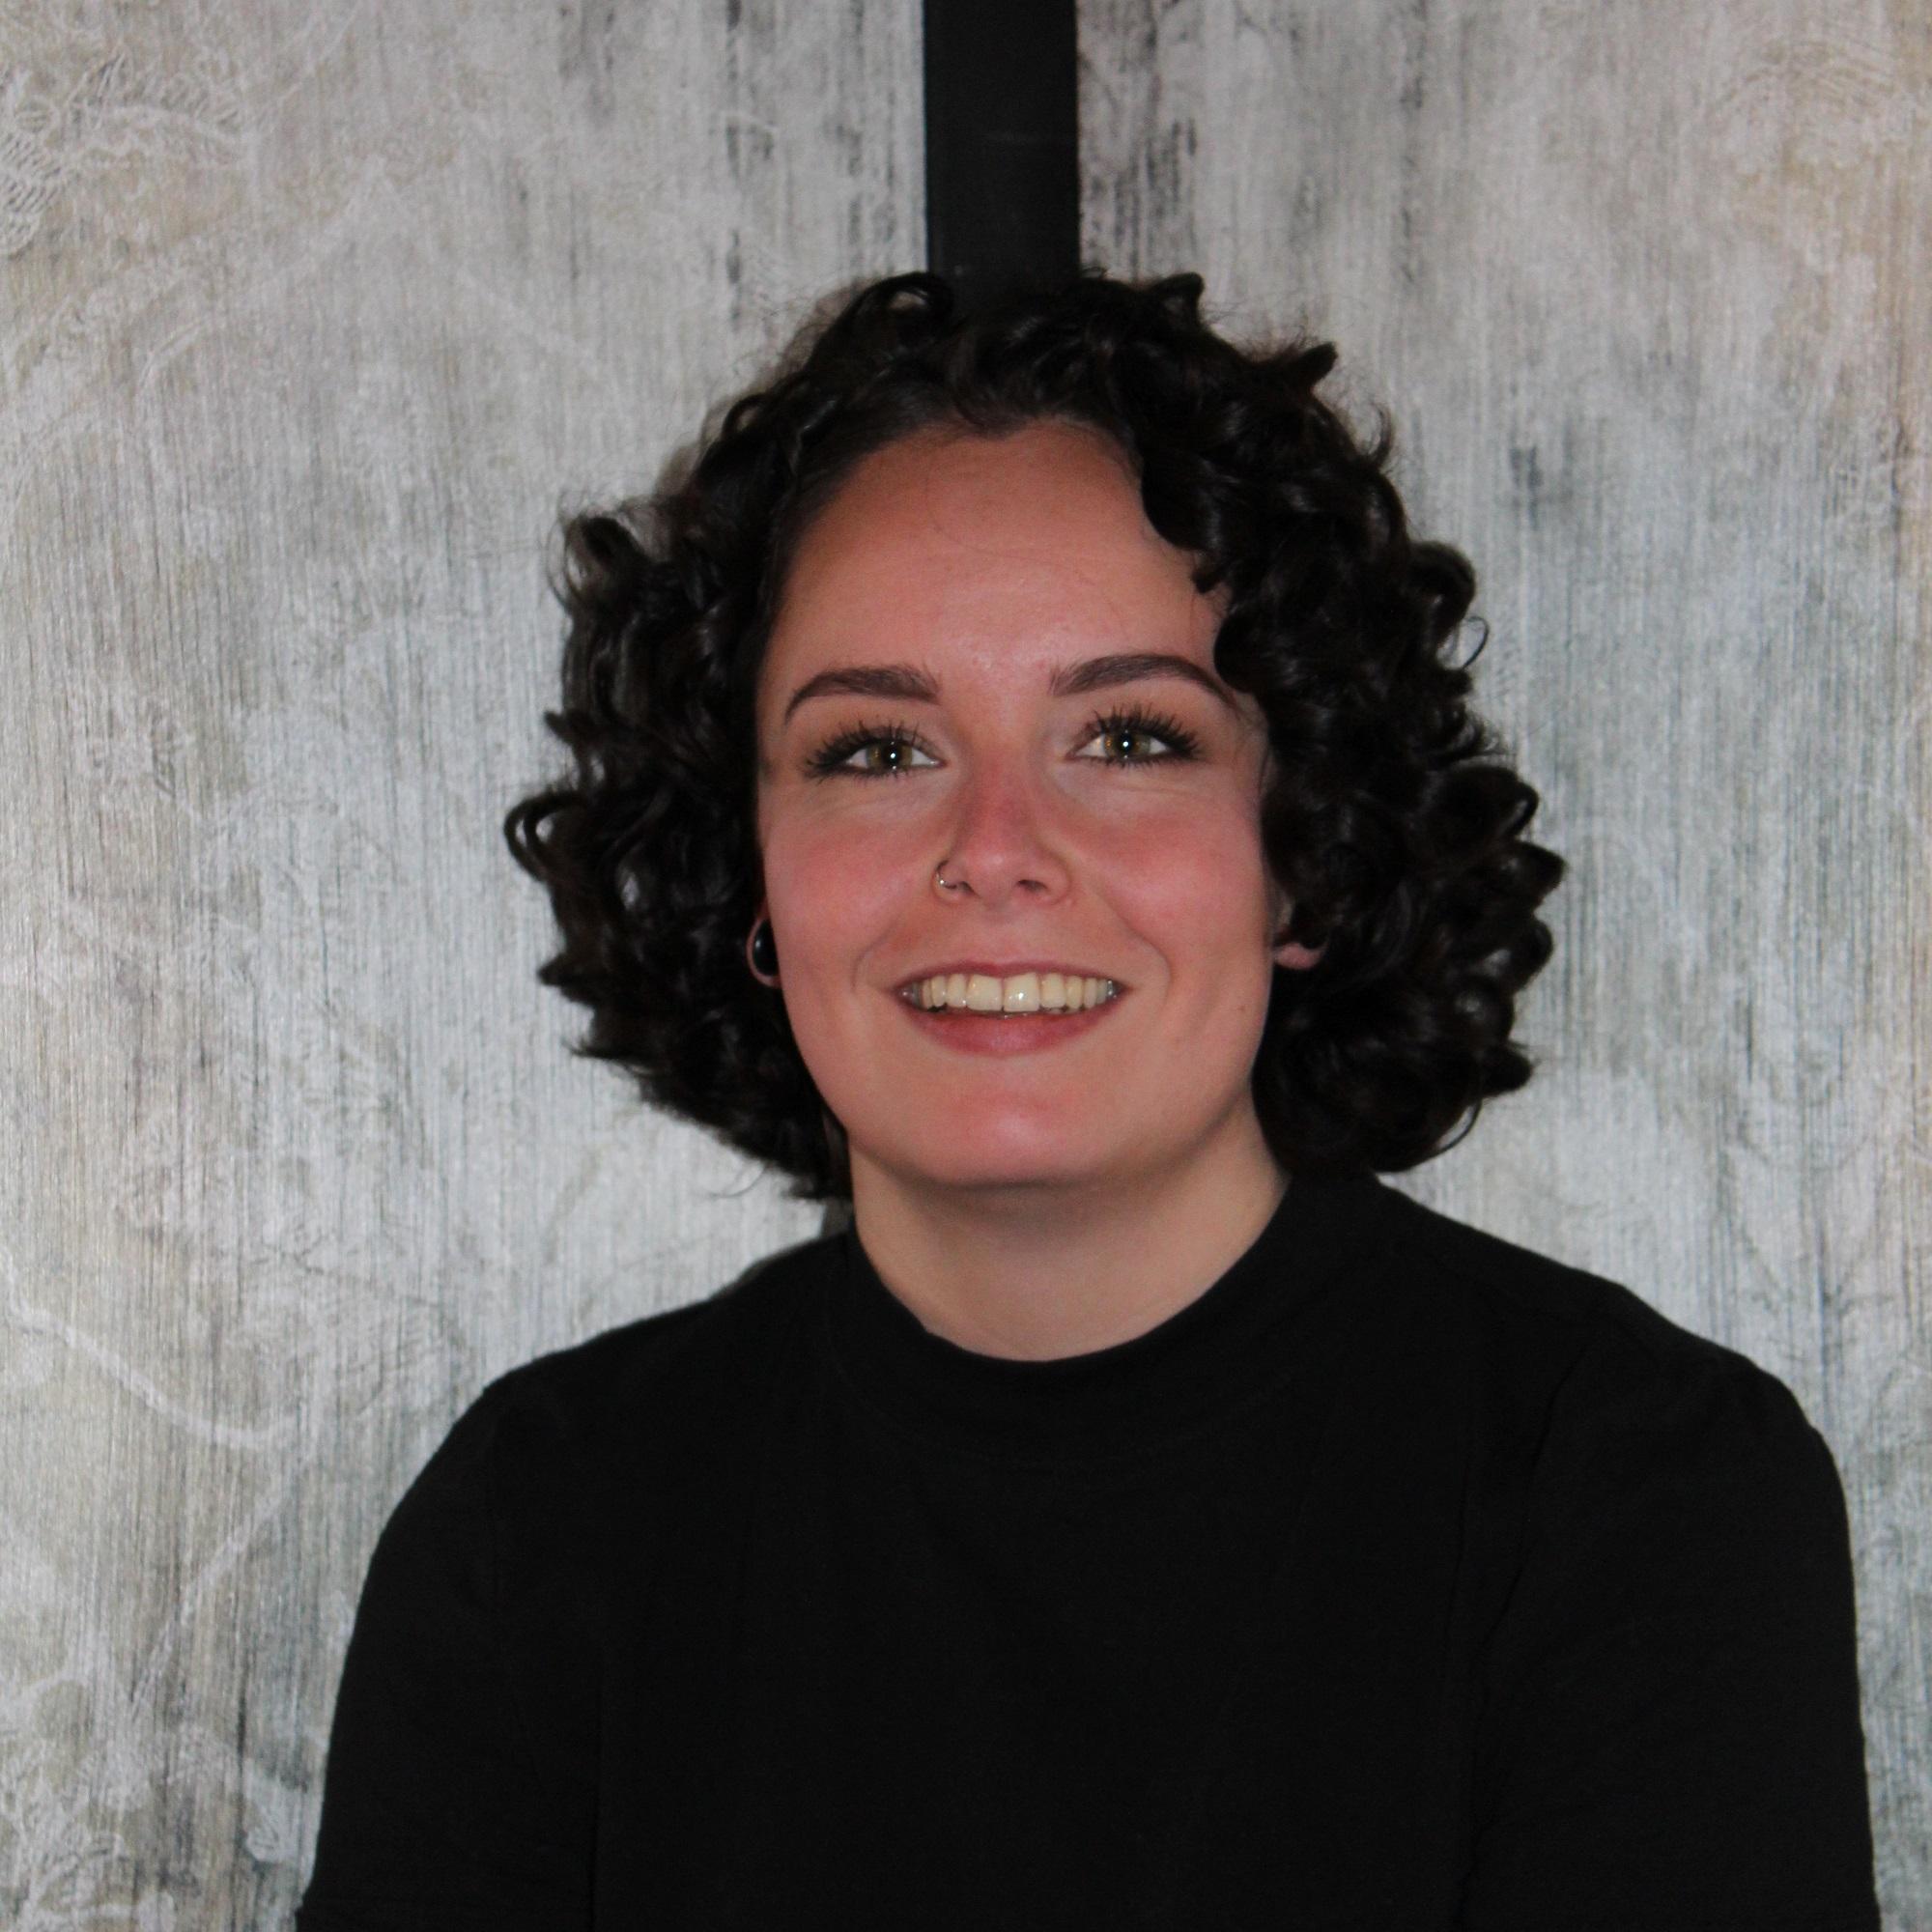 Naomi - Kapper bij Haartrend van Hees Maaspoort s-Hertogenbosch